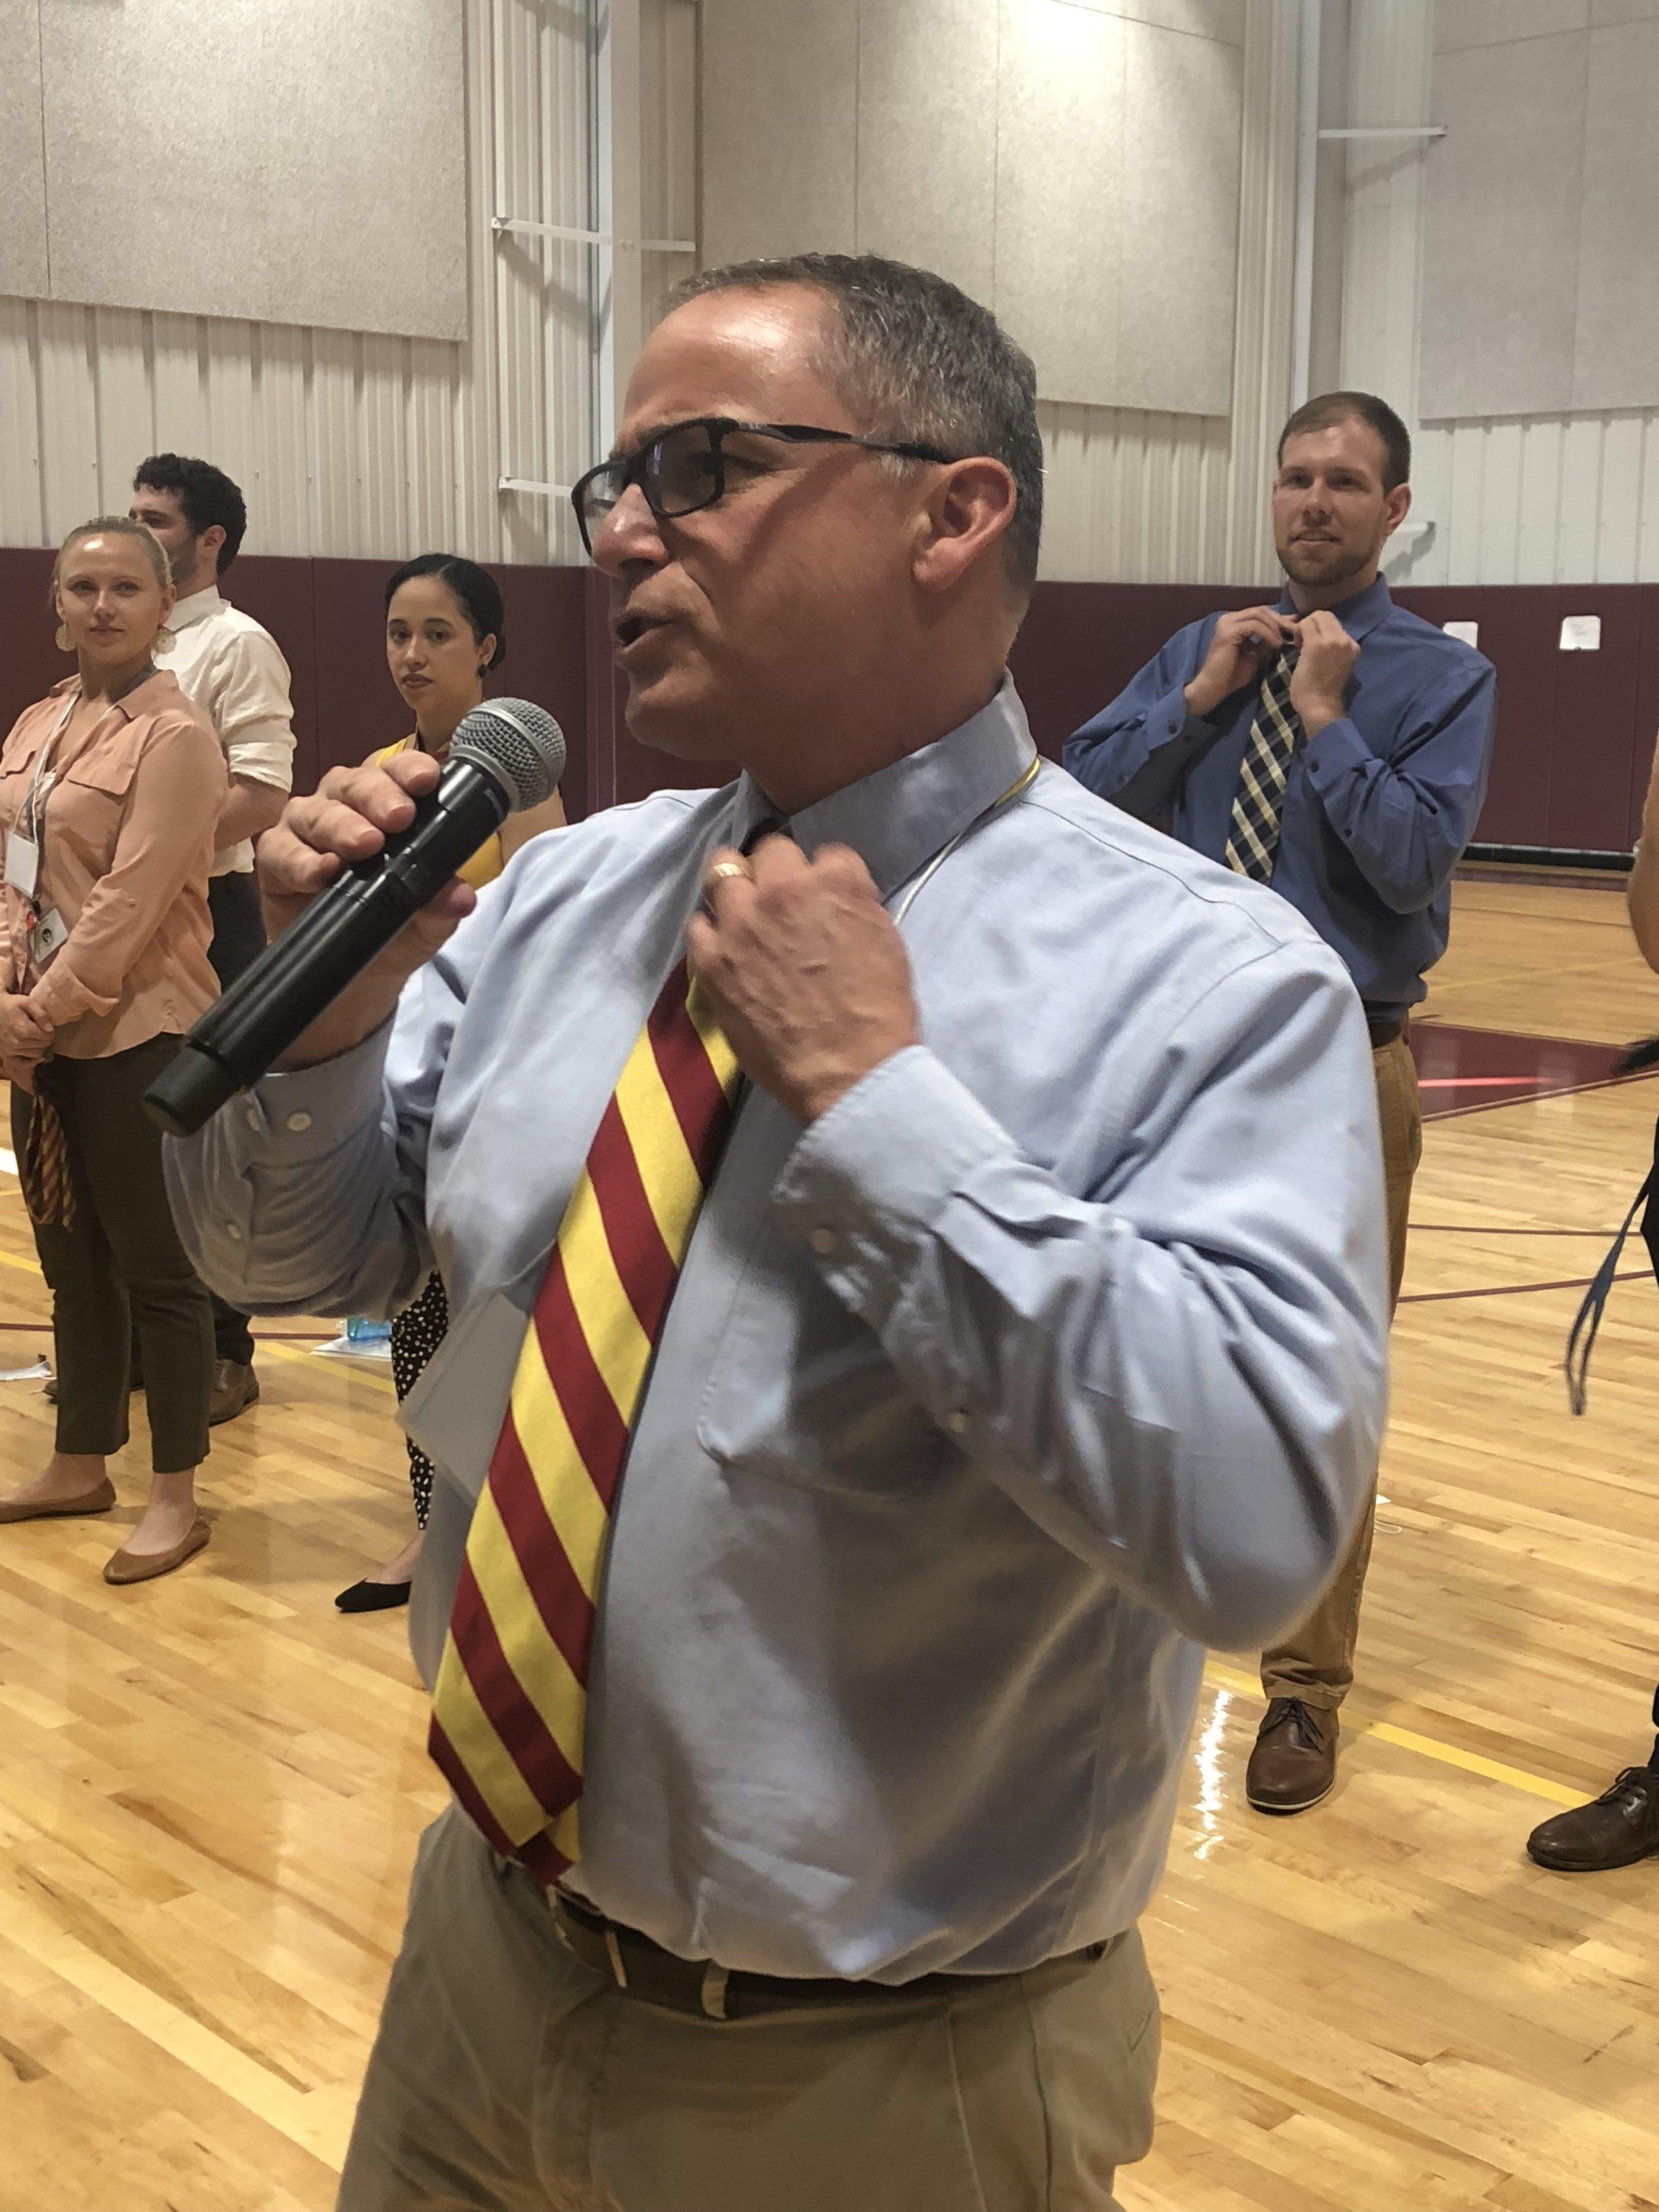 2018.08.27 Berkley leading Tie Ceremony.jpg